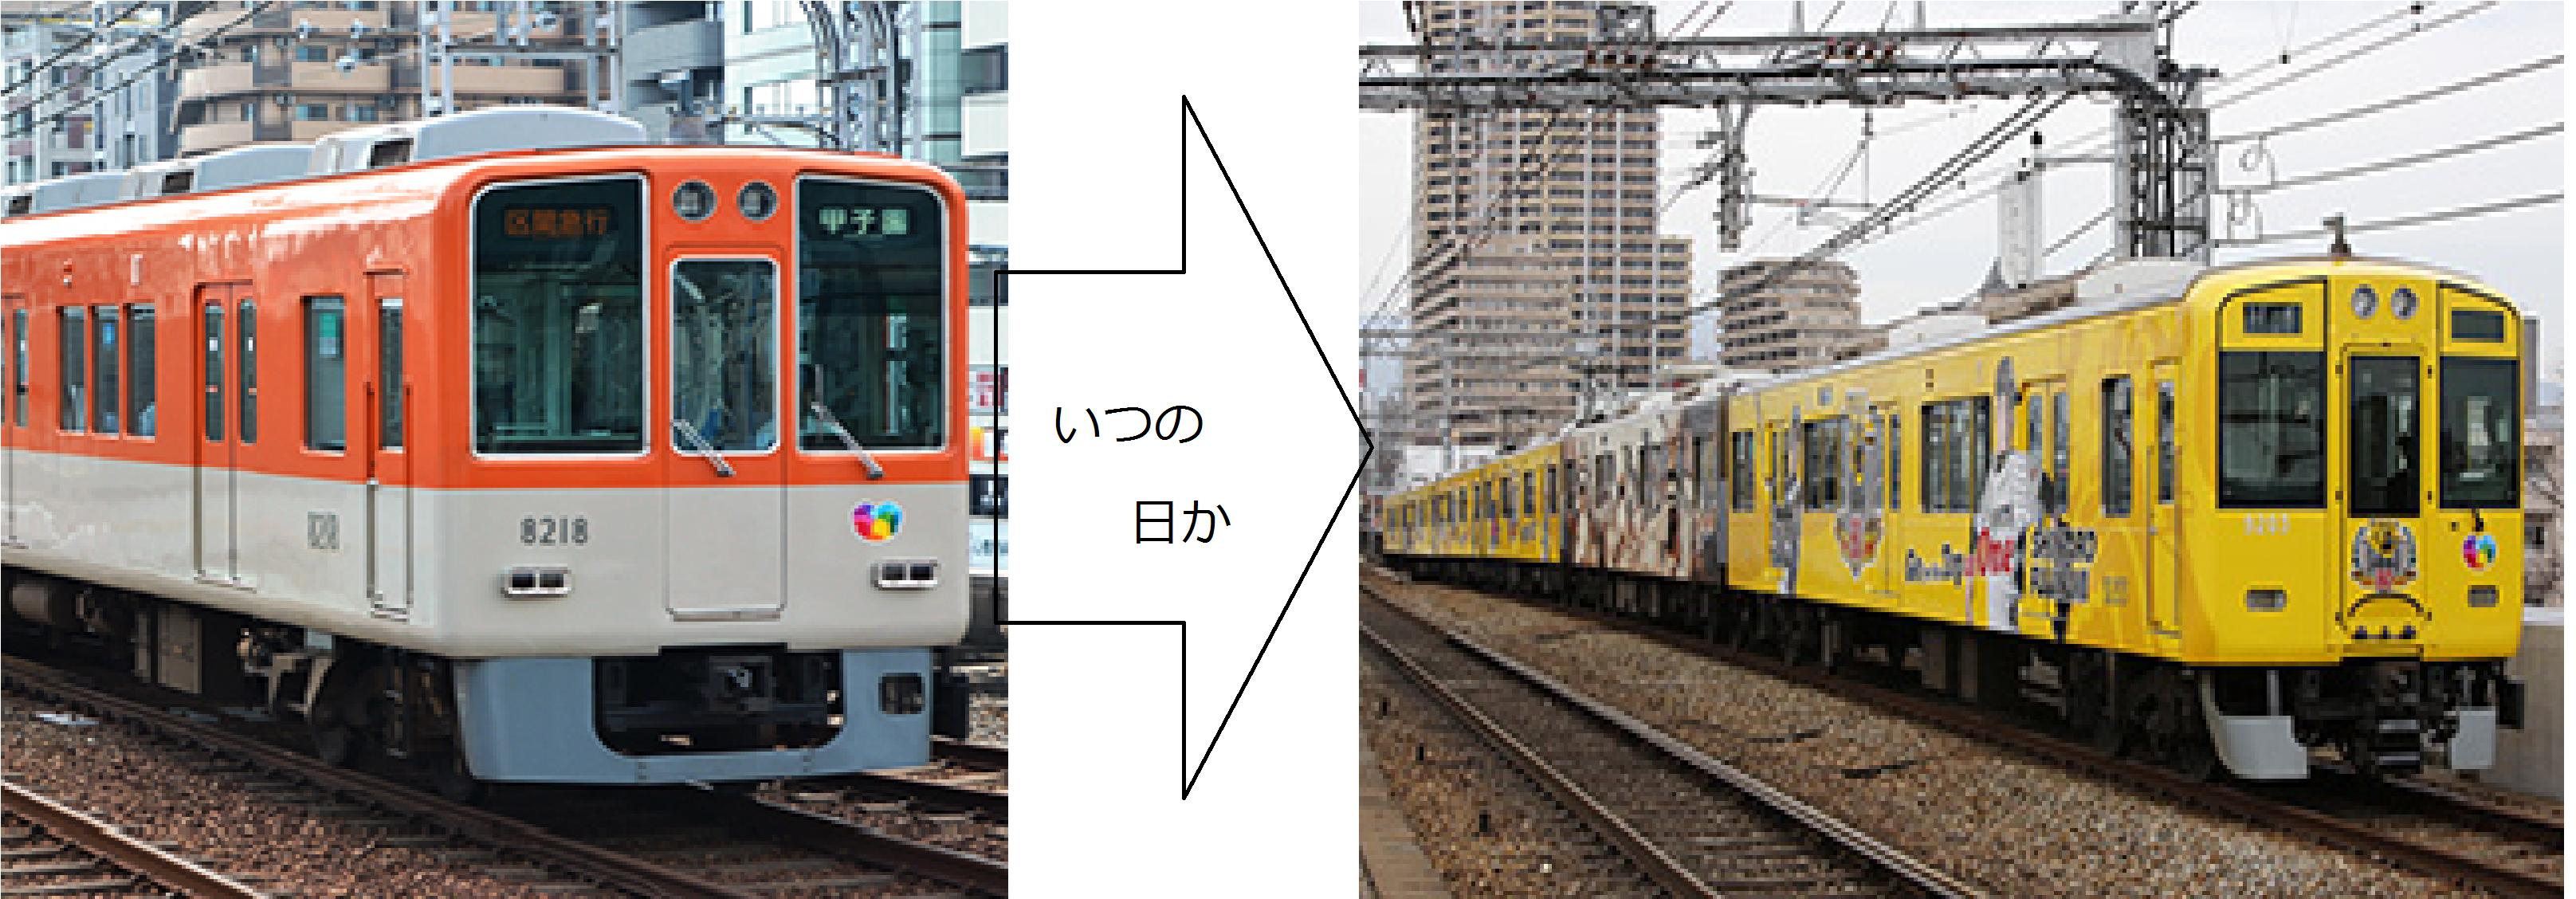 阪神電車画像